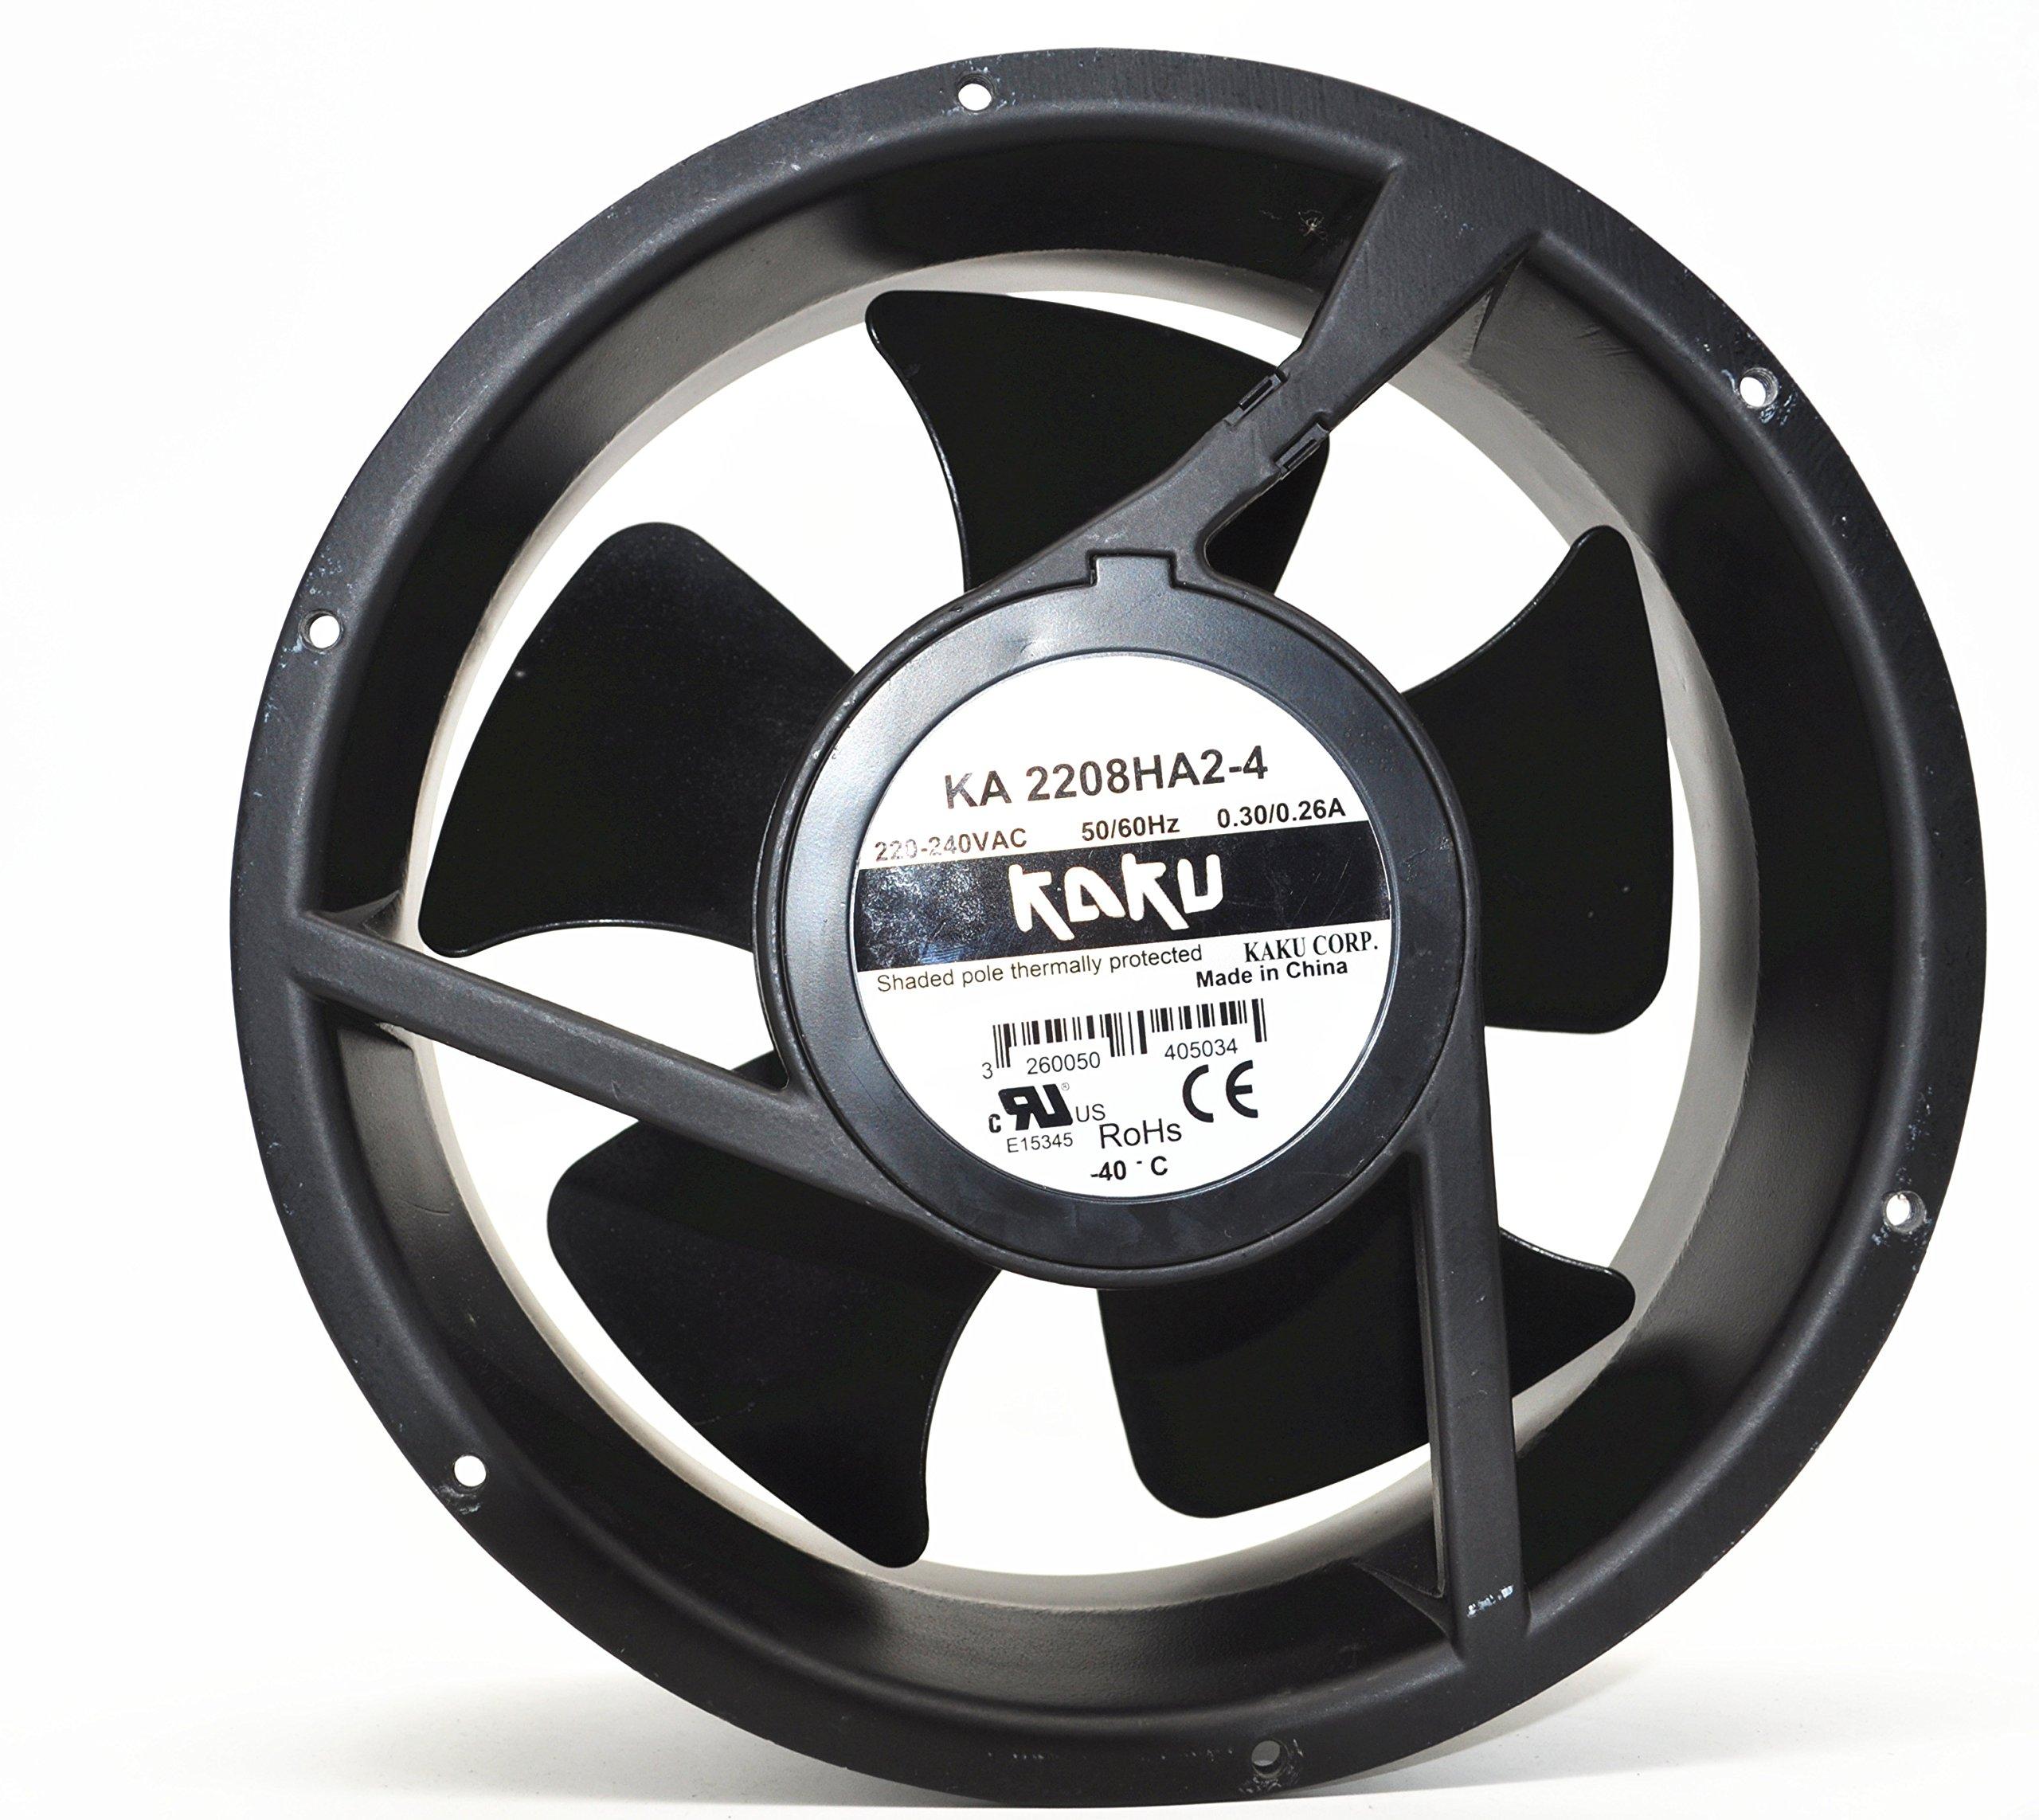 kaku KA2208HA2-4 Ball AC220V 22280mm cooling fan by kakuu (Image #1)